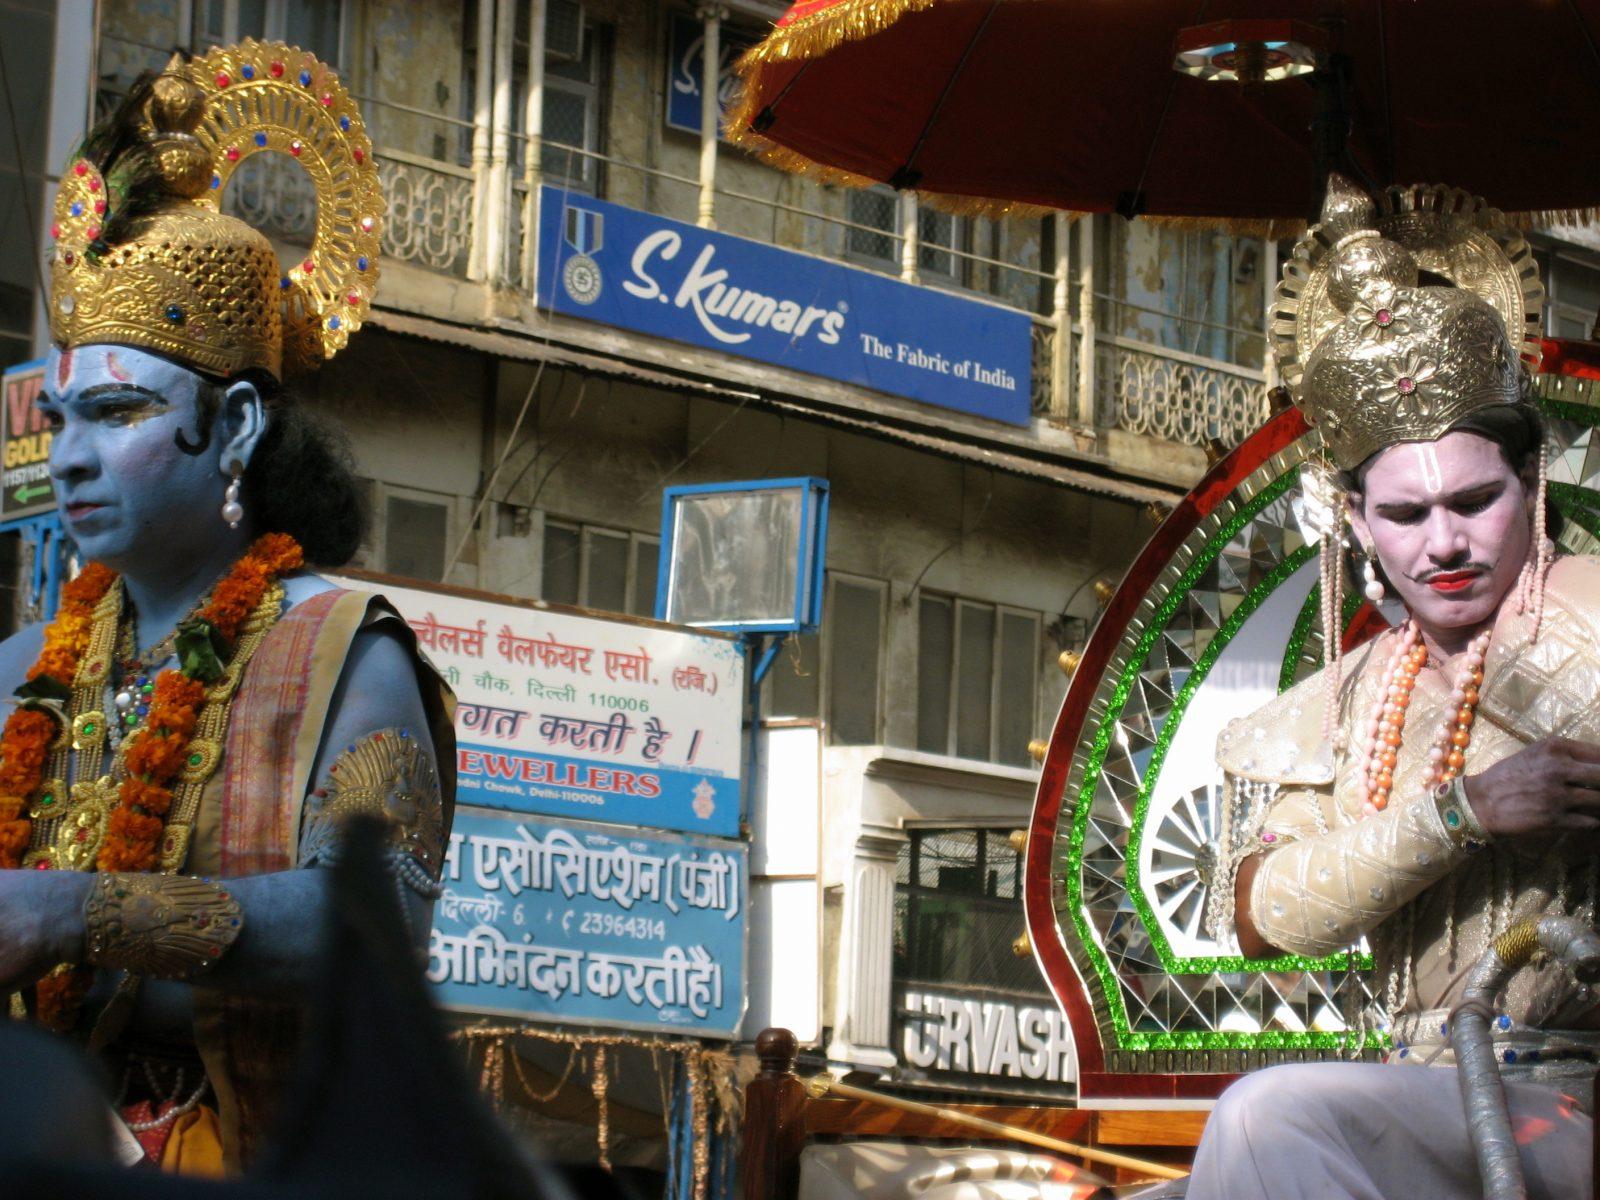 Krishna och Arjuna – scen ur verket Bhagavadgita